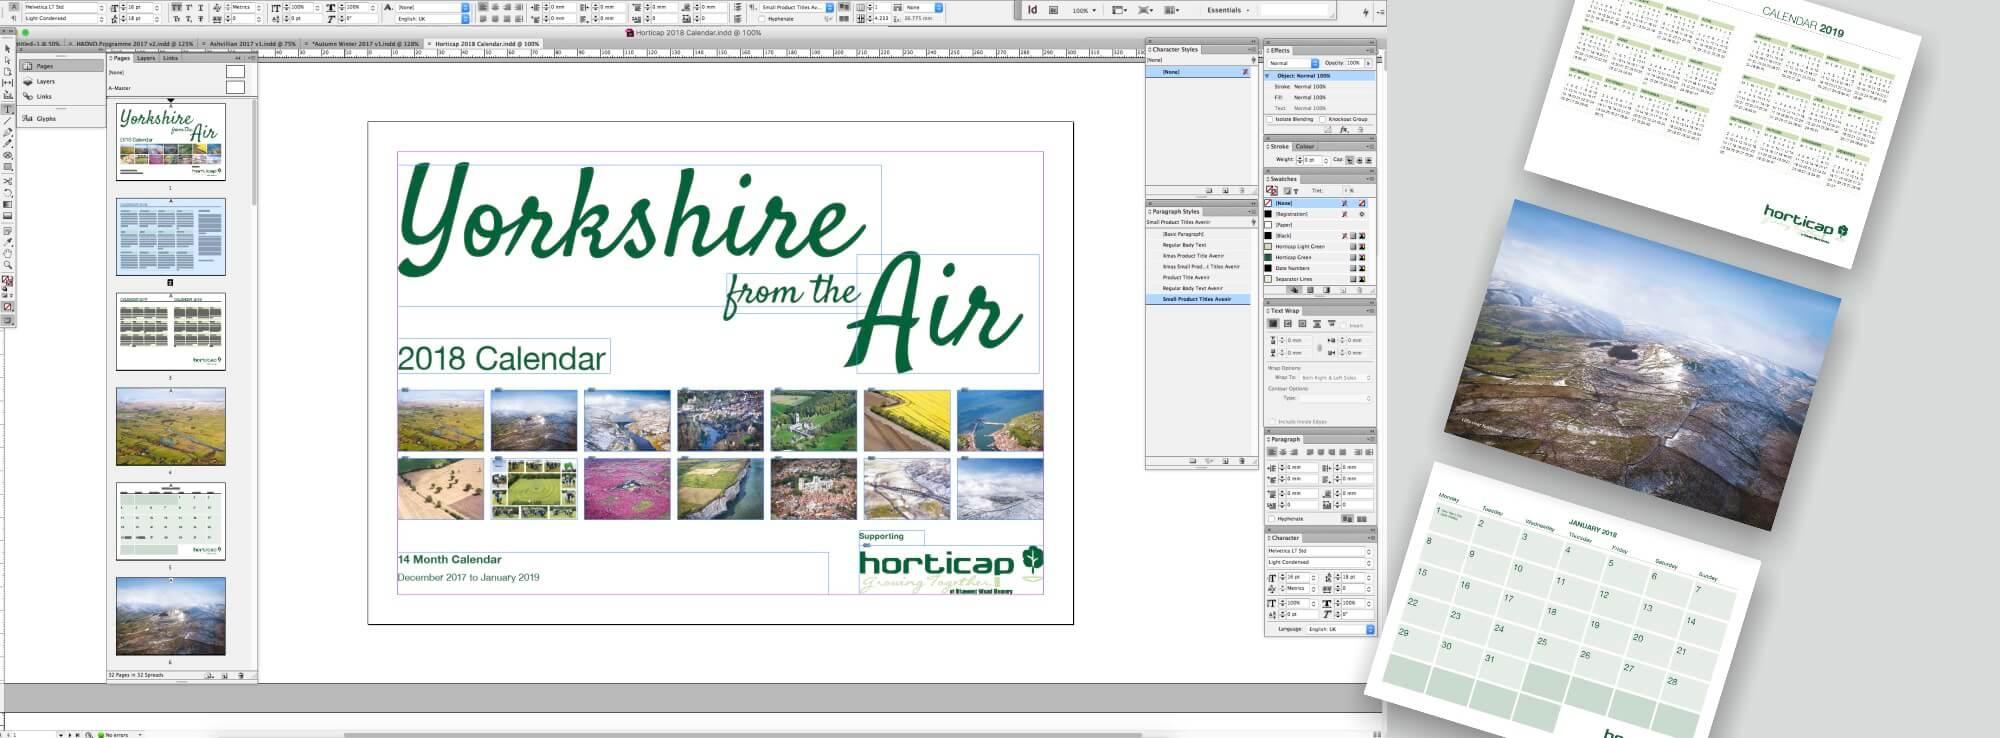 Horticap 2018 Calendar Design & Print